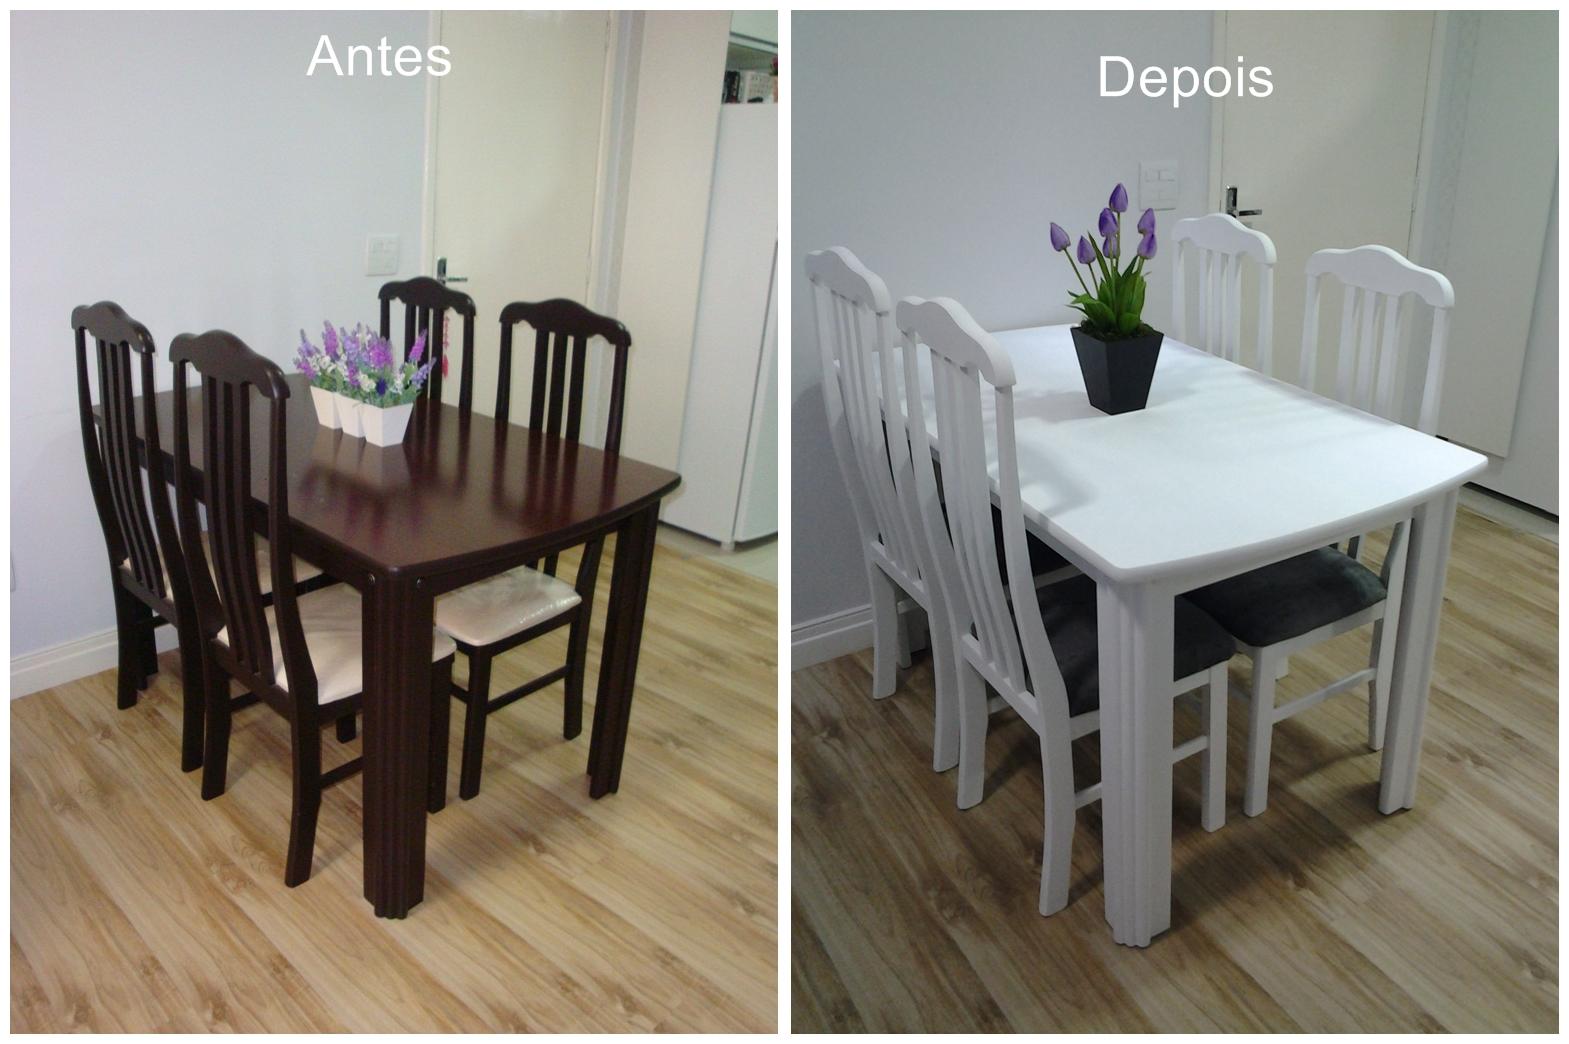 Pra quem chegou agora eu reformei meus móveis da sala. Pintei a mesa  #7F6A4C 1569x1044